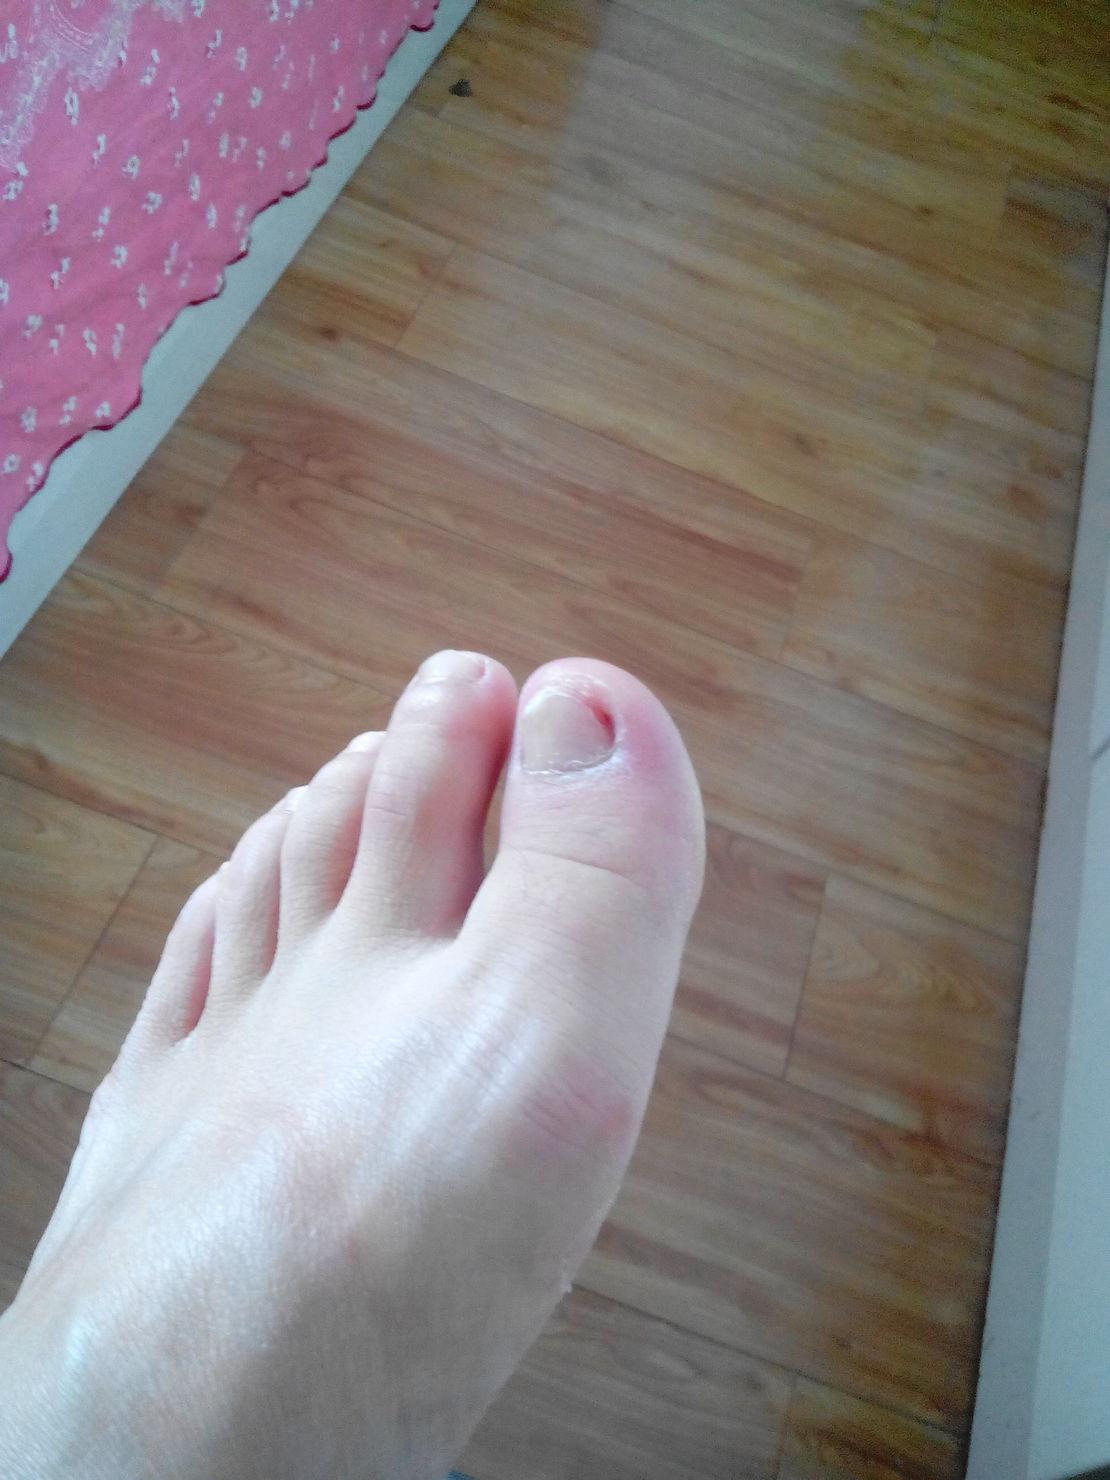 脚指甲长肉里面了肿得像灯泡儿又红又亮